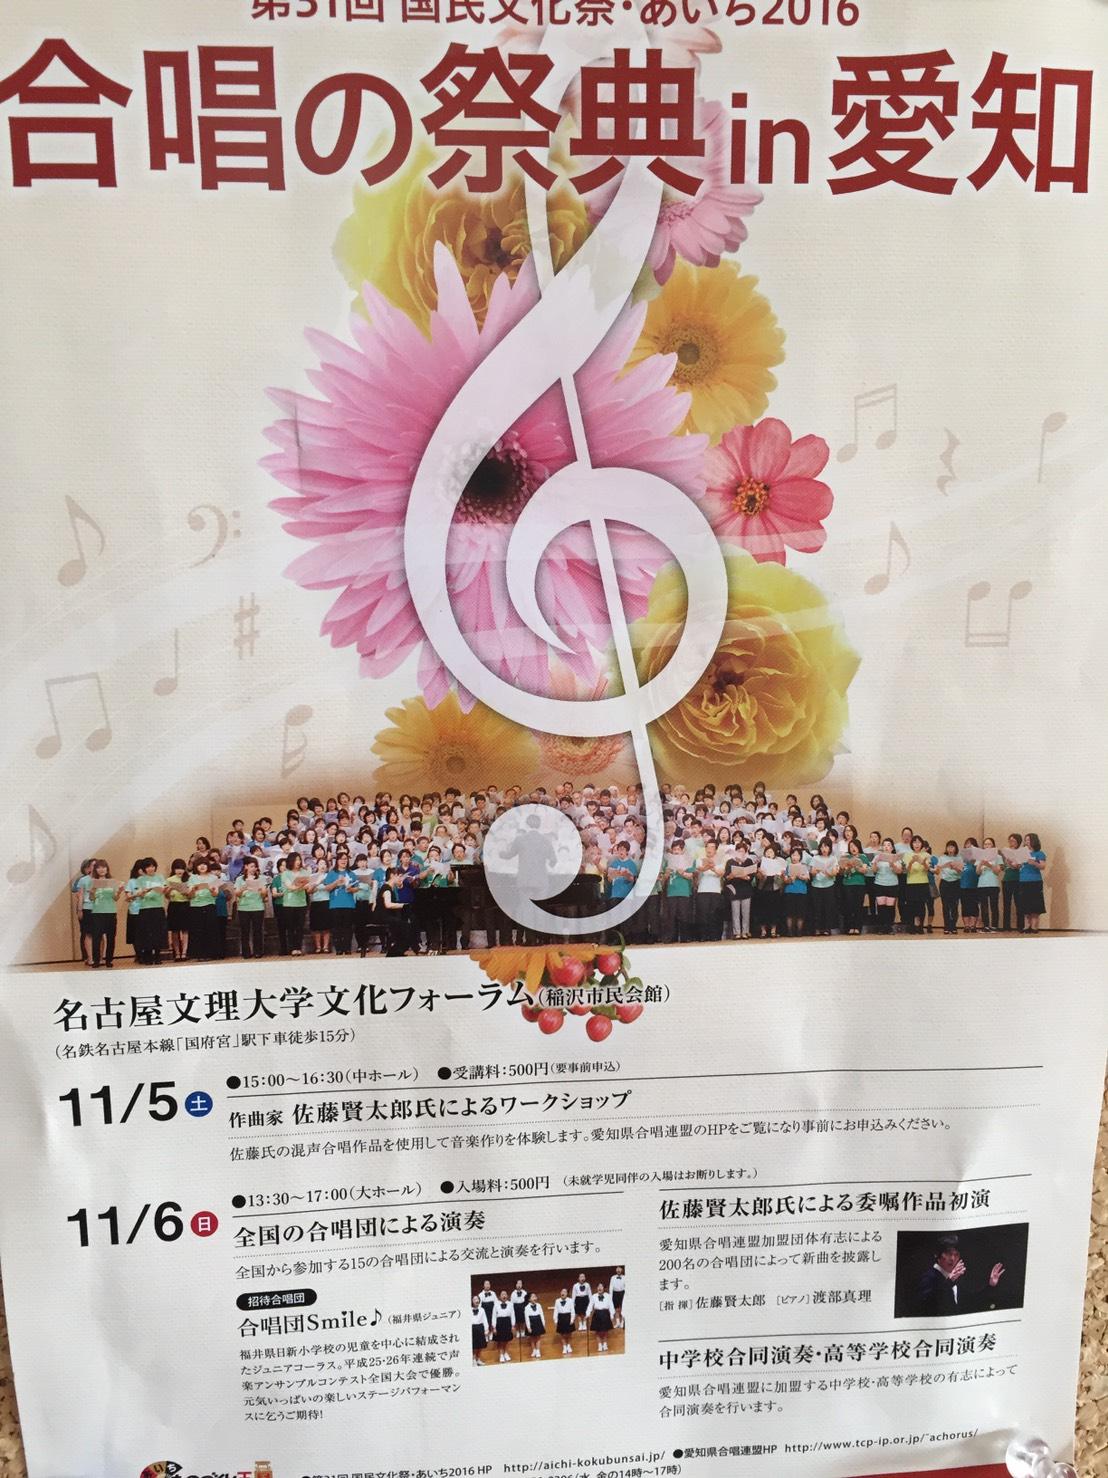 第31回国民文化祭・愛知2016 名古屋文理大学フォーラム